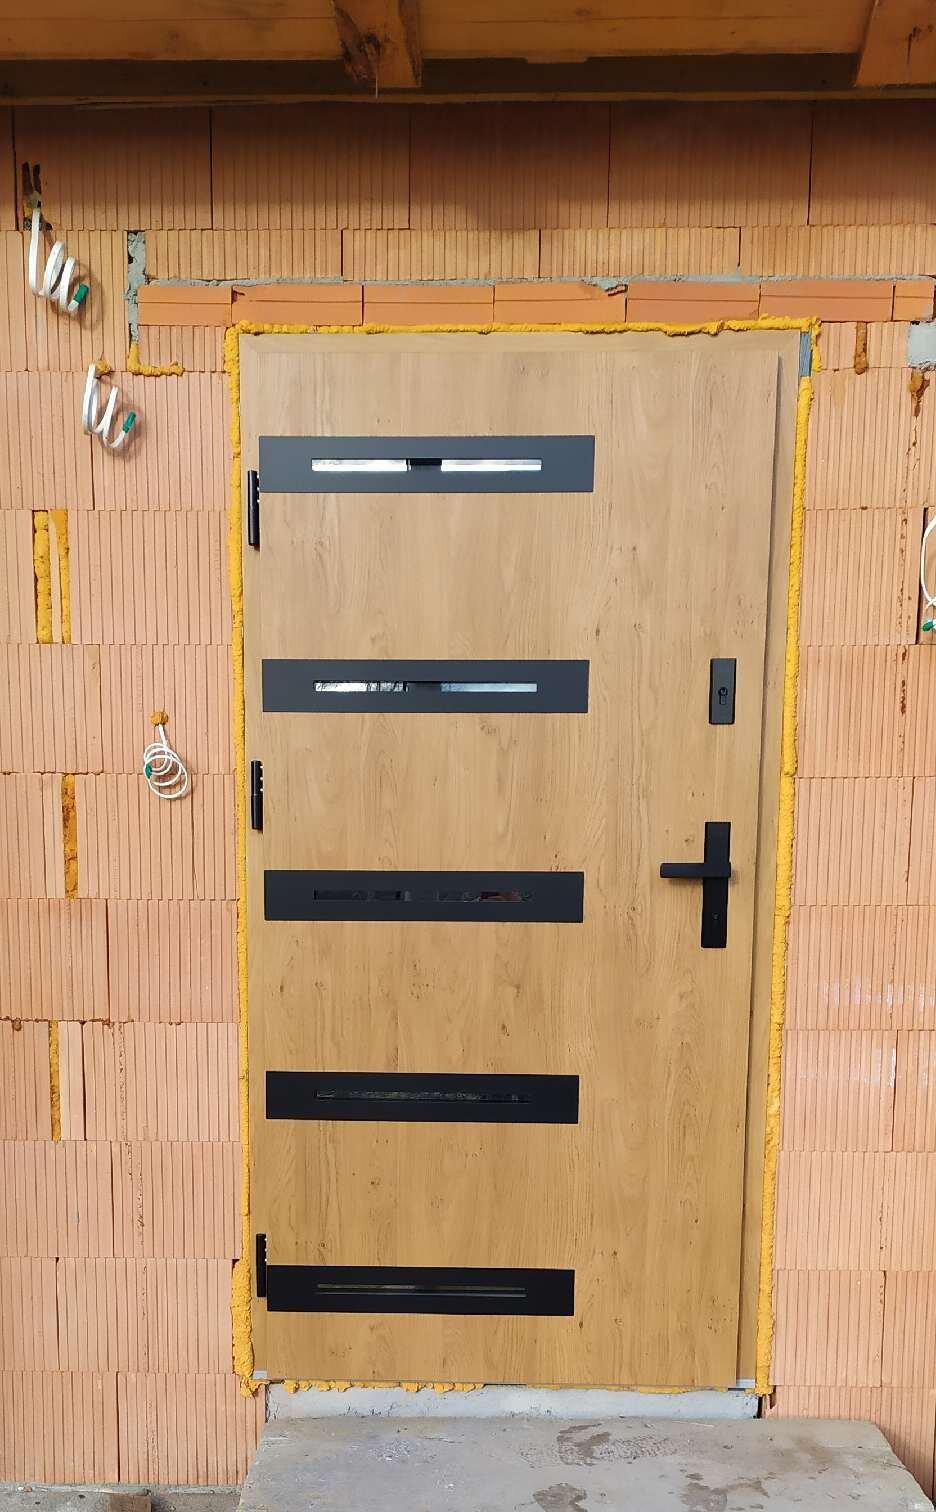 Drzwi Wikęd, model Optimum z ciepłą ościeżnicą termo, wzór 39B. Kolor Winchester